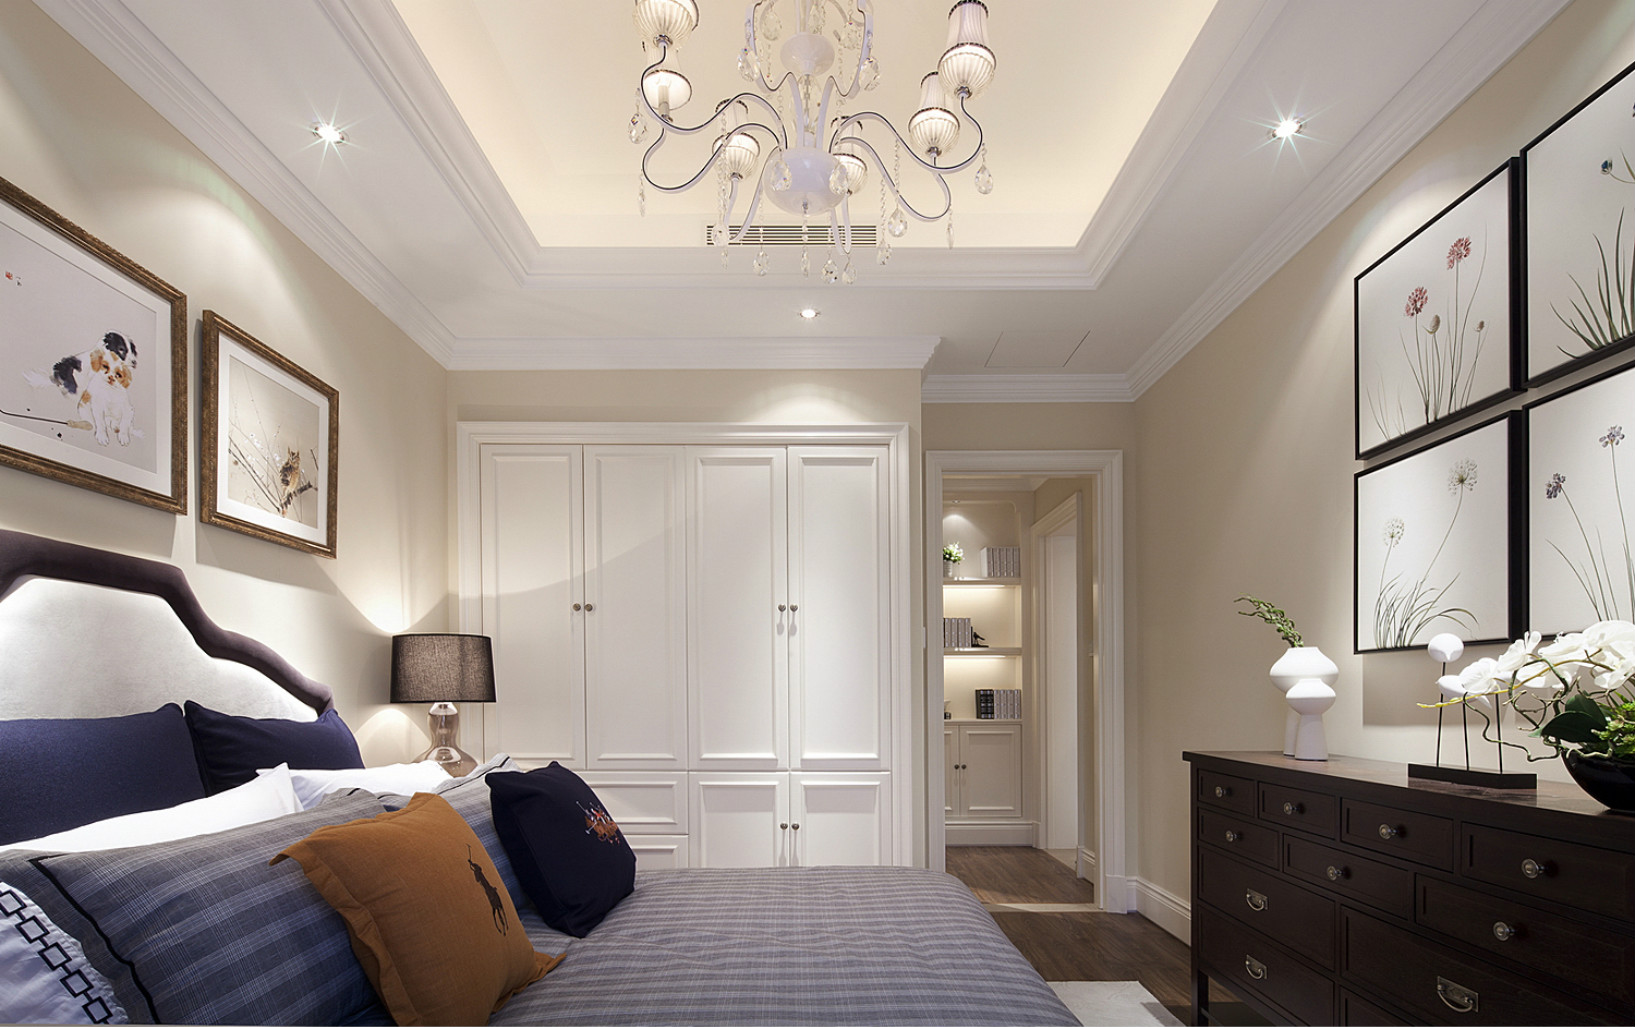 卧室挡不住设计的巧妙,白色衣柜收纳的设计,以及精致的挂画设计